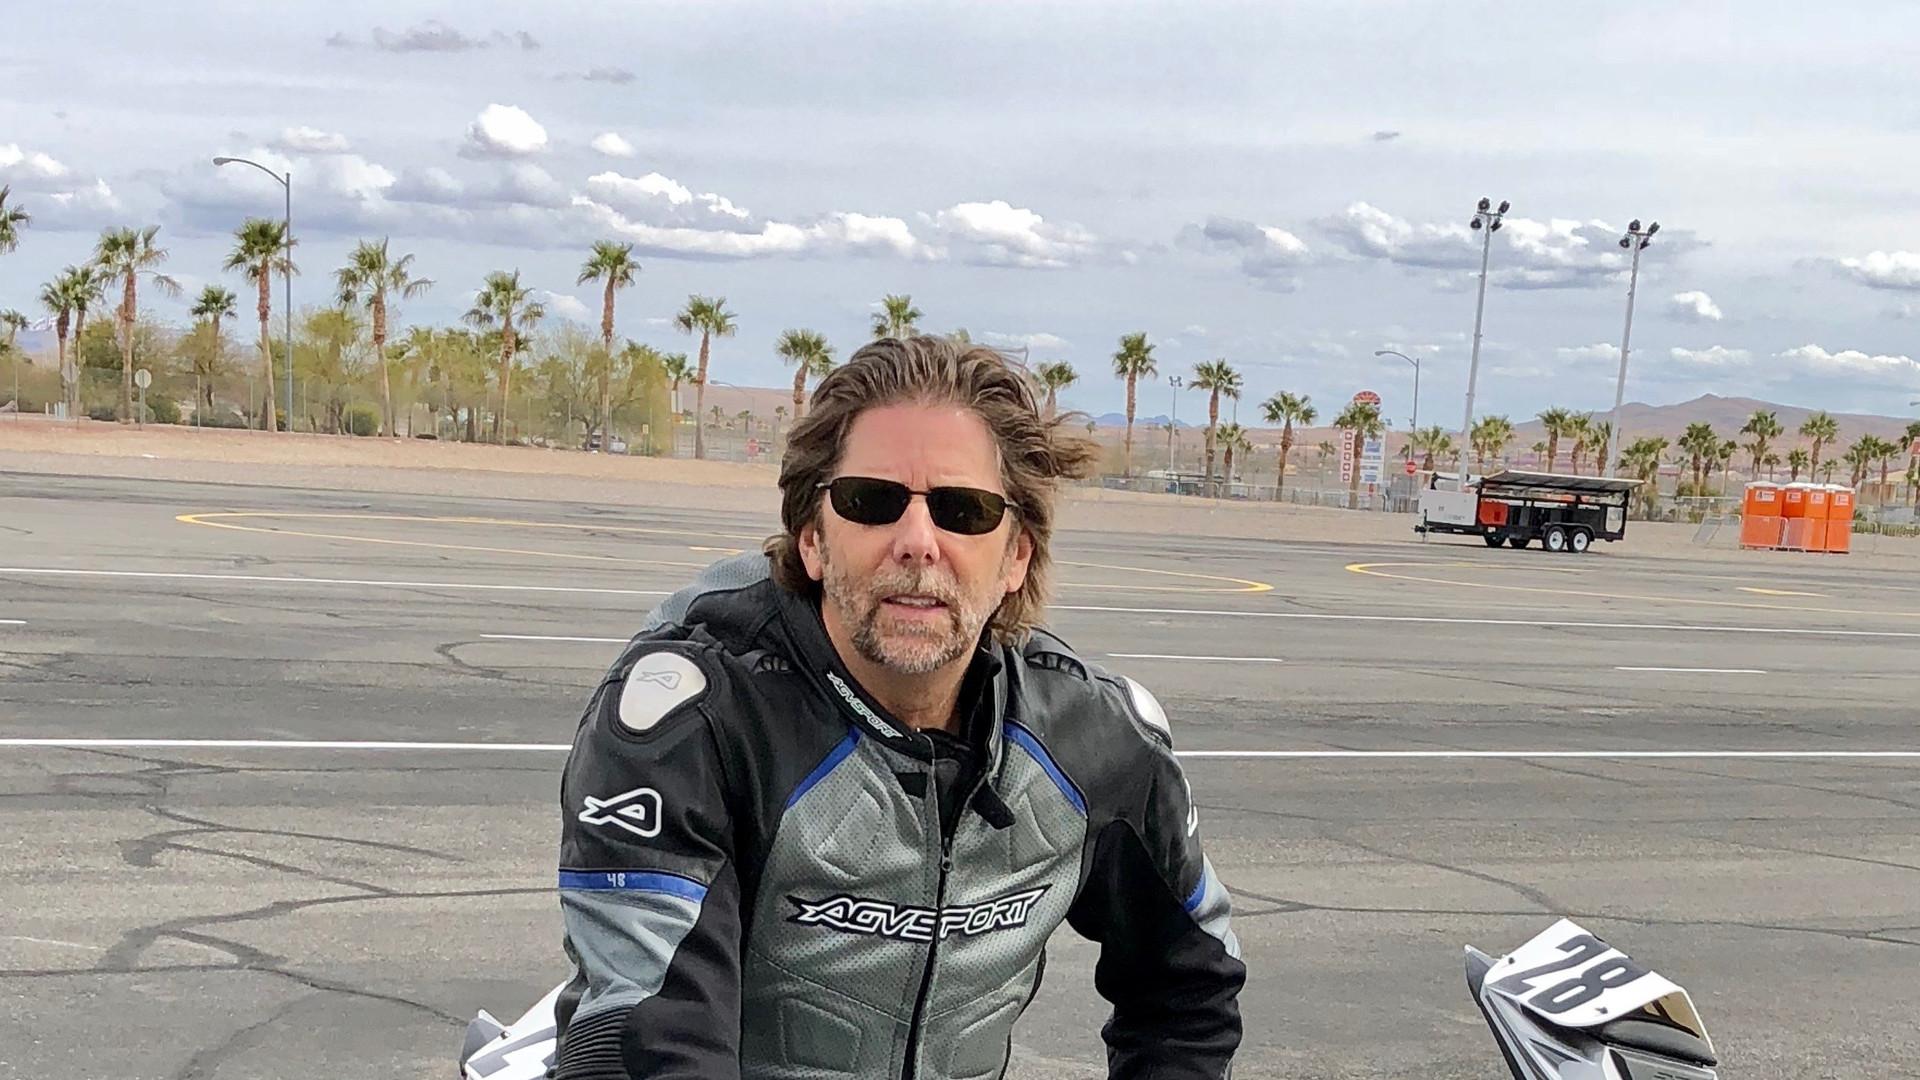 Rick motorcycle.jpg